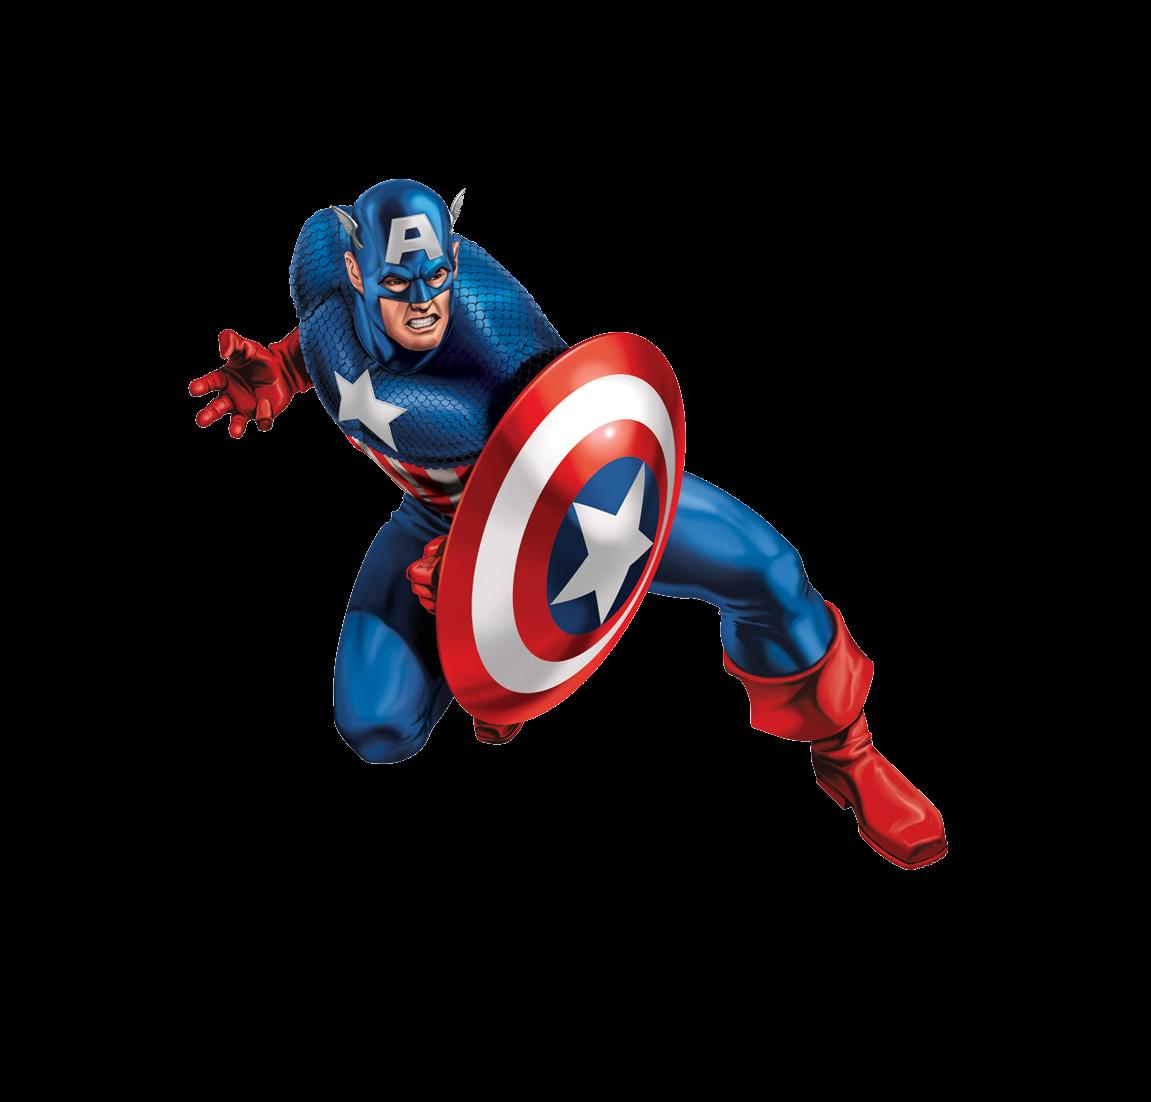 Imagens PNG fundo transparente Heróis marvel | Imagens ...